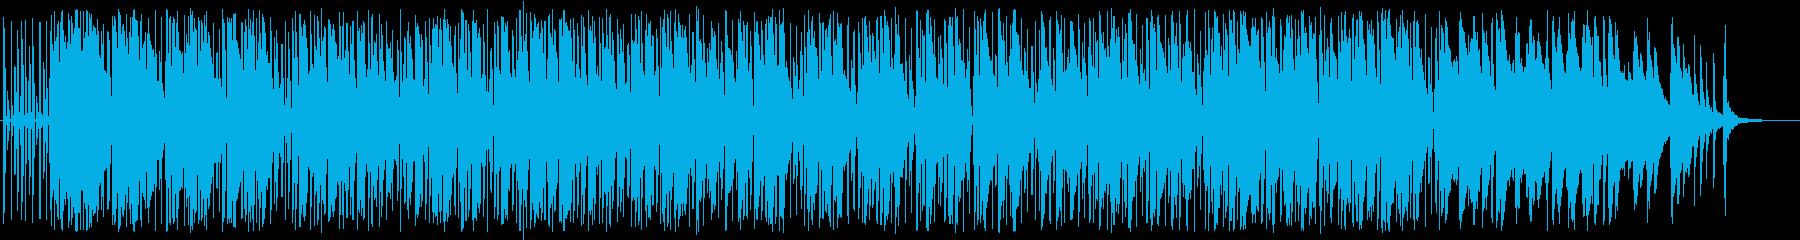 歌モノ曲の別アレンジ、ピアノインスト曲の再生済みの波形